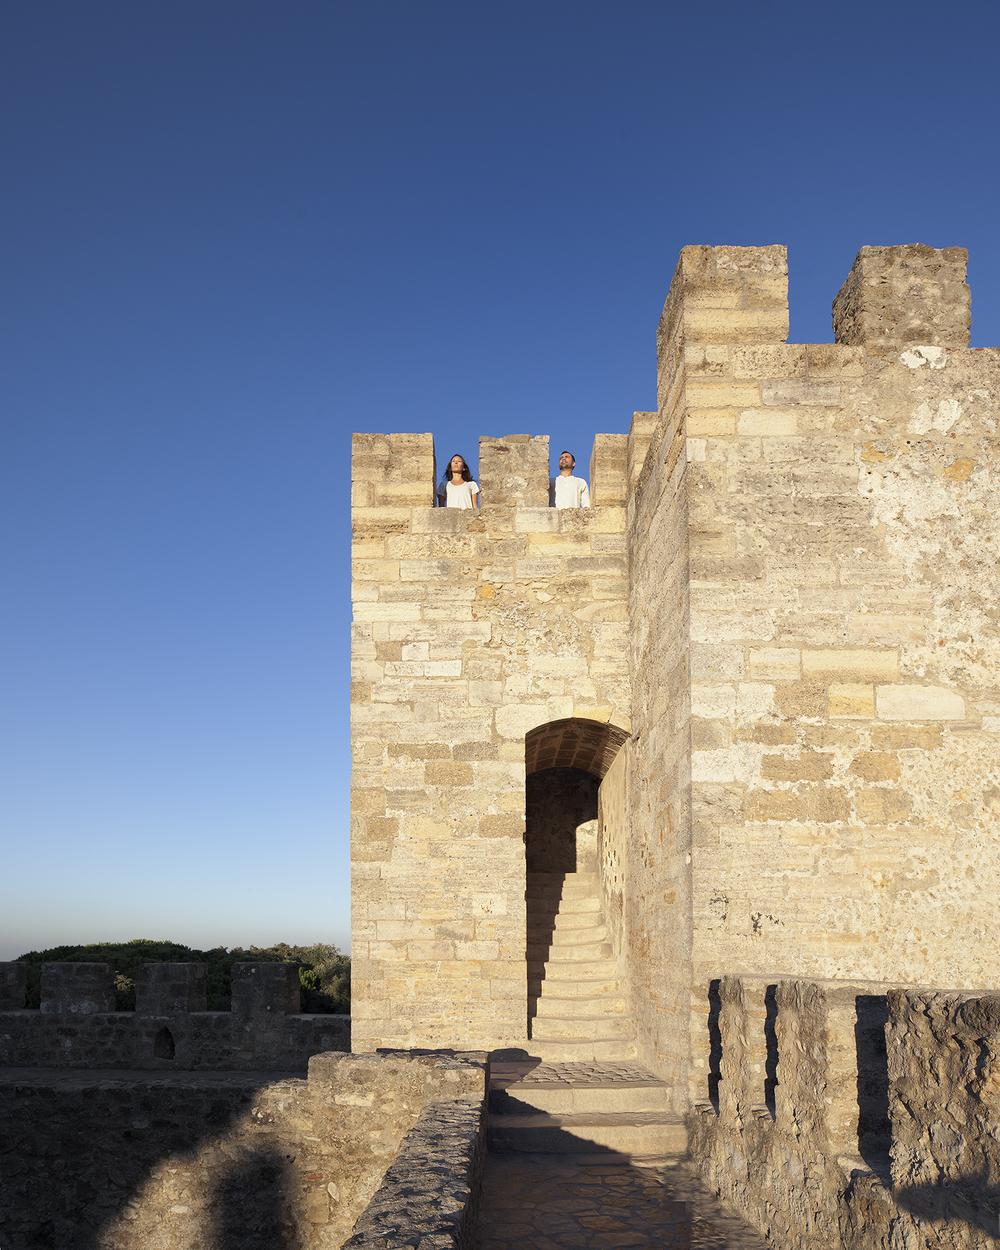 sessao-fotografica-pedido-casamento-flytographer-castelo-sao-jorge-lisboa-terra-fotografia-017.jpg